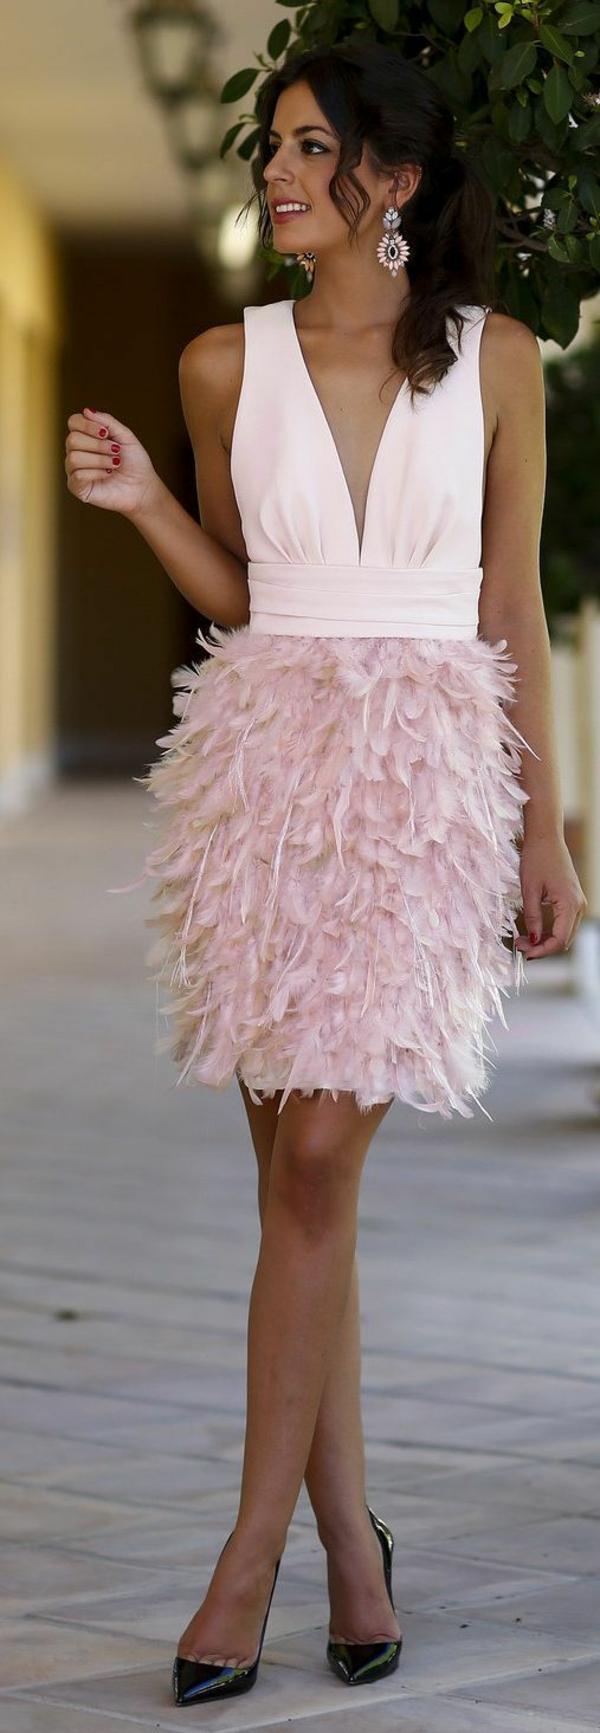 Cocktail Kleider haute couture rosa knielänge dresscode